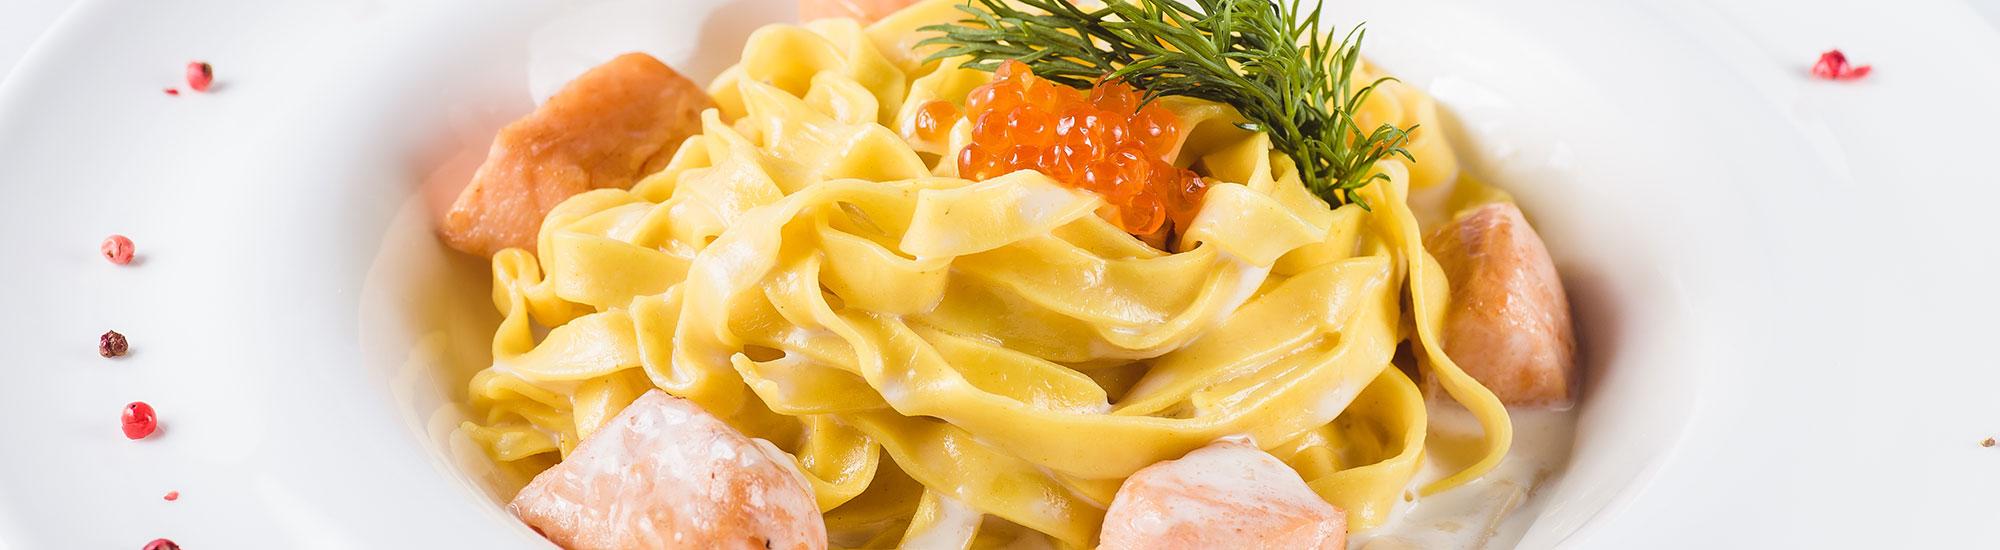 ricetta Tagliatelle con cubetti di salmone, crema al peperoncino e caviale rosso con pasta fresca